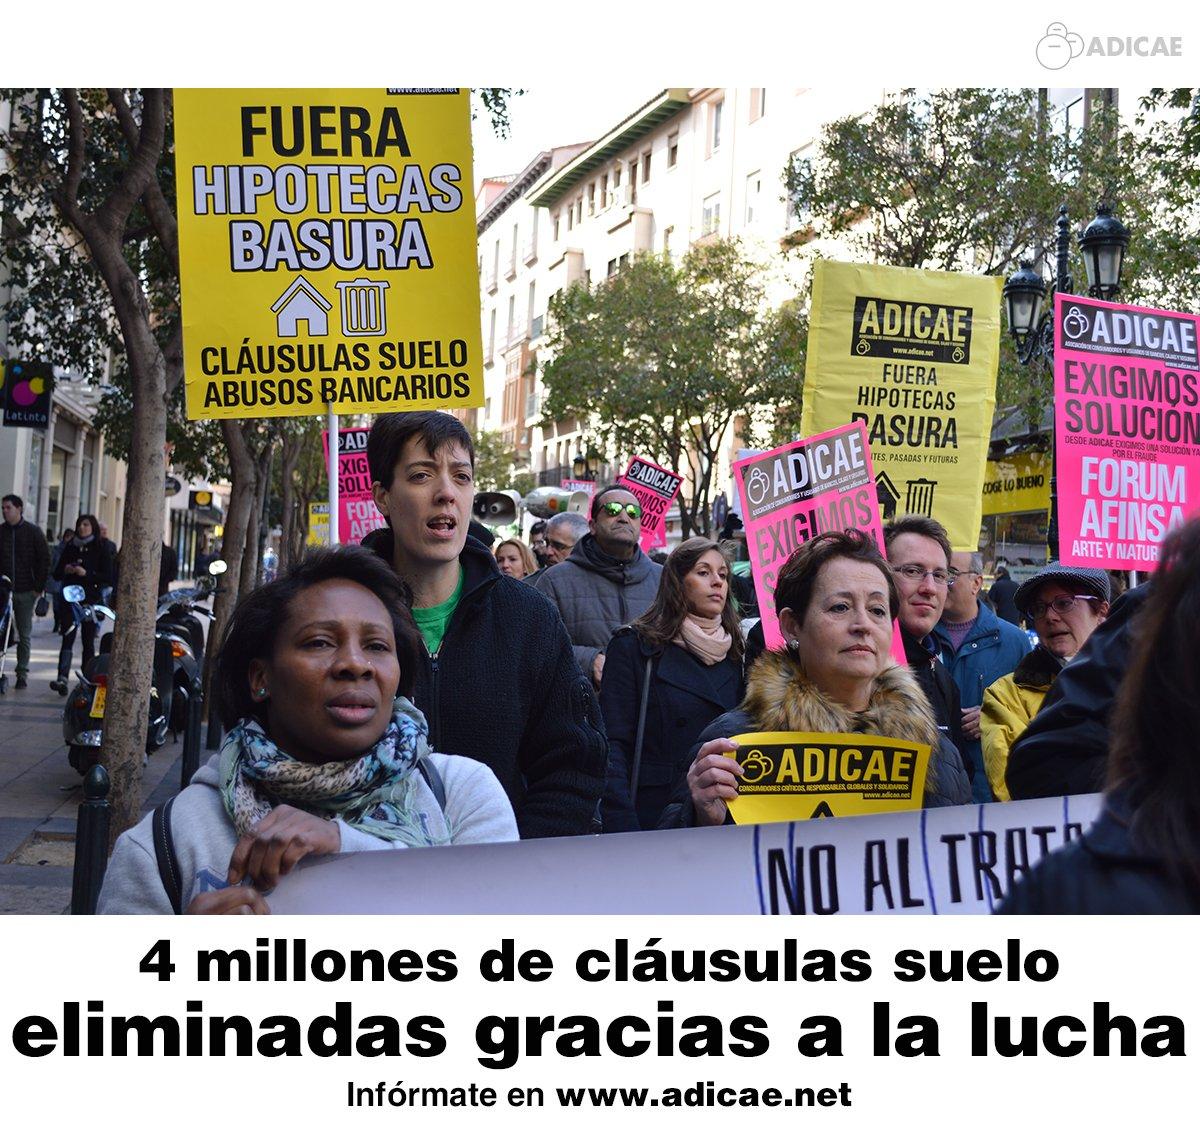 Clausulas suelo adicae trendy ultimas noticias clausula for Ultimas noticias sobre clausula suelo